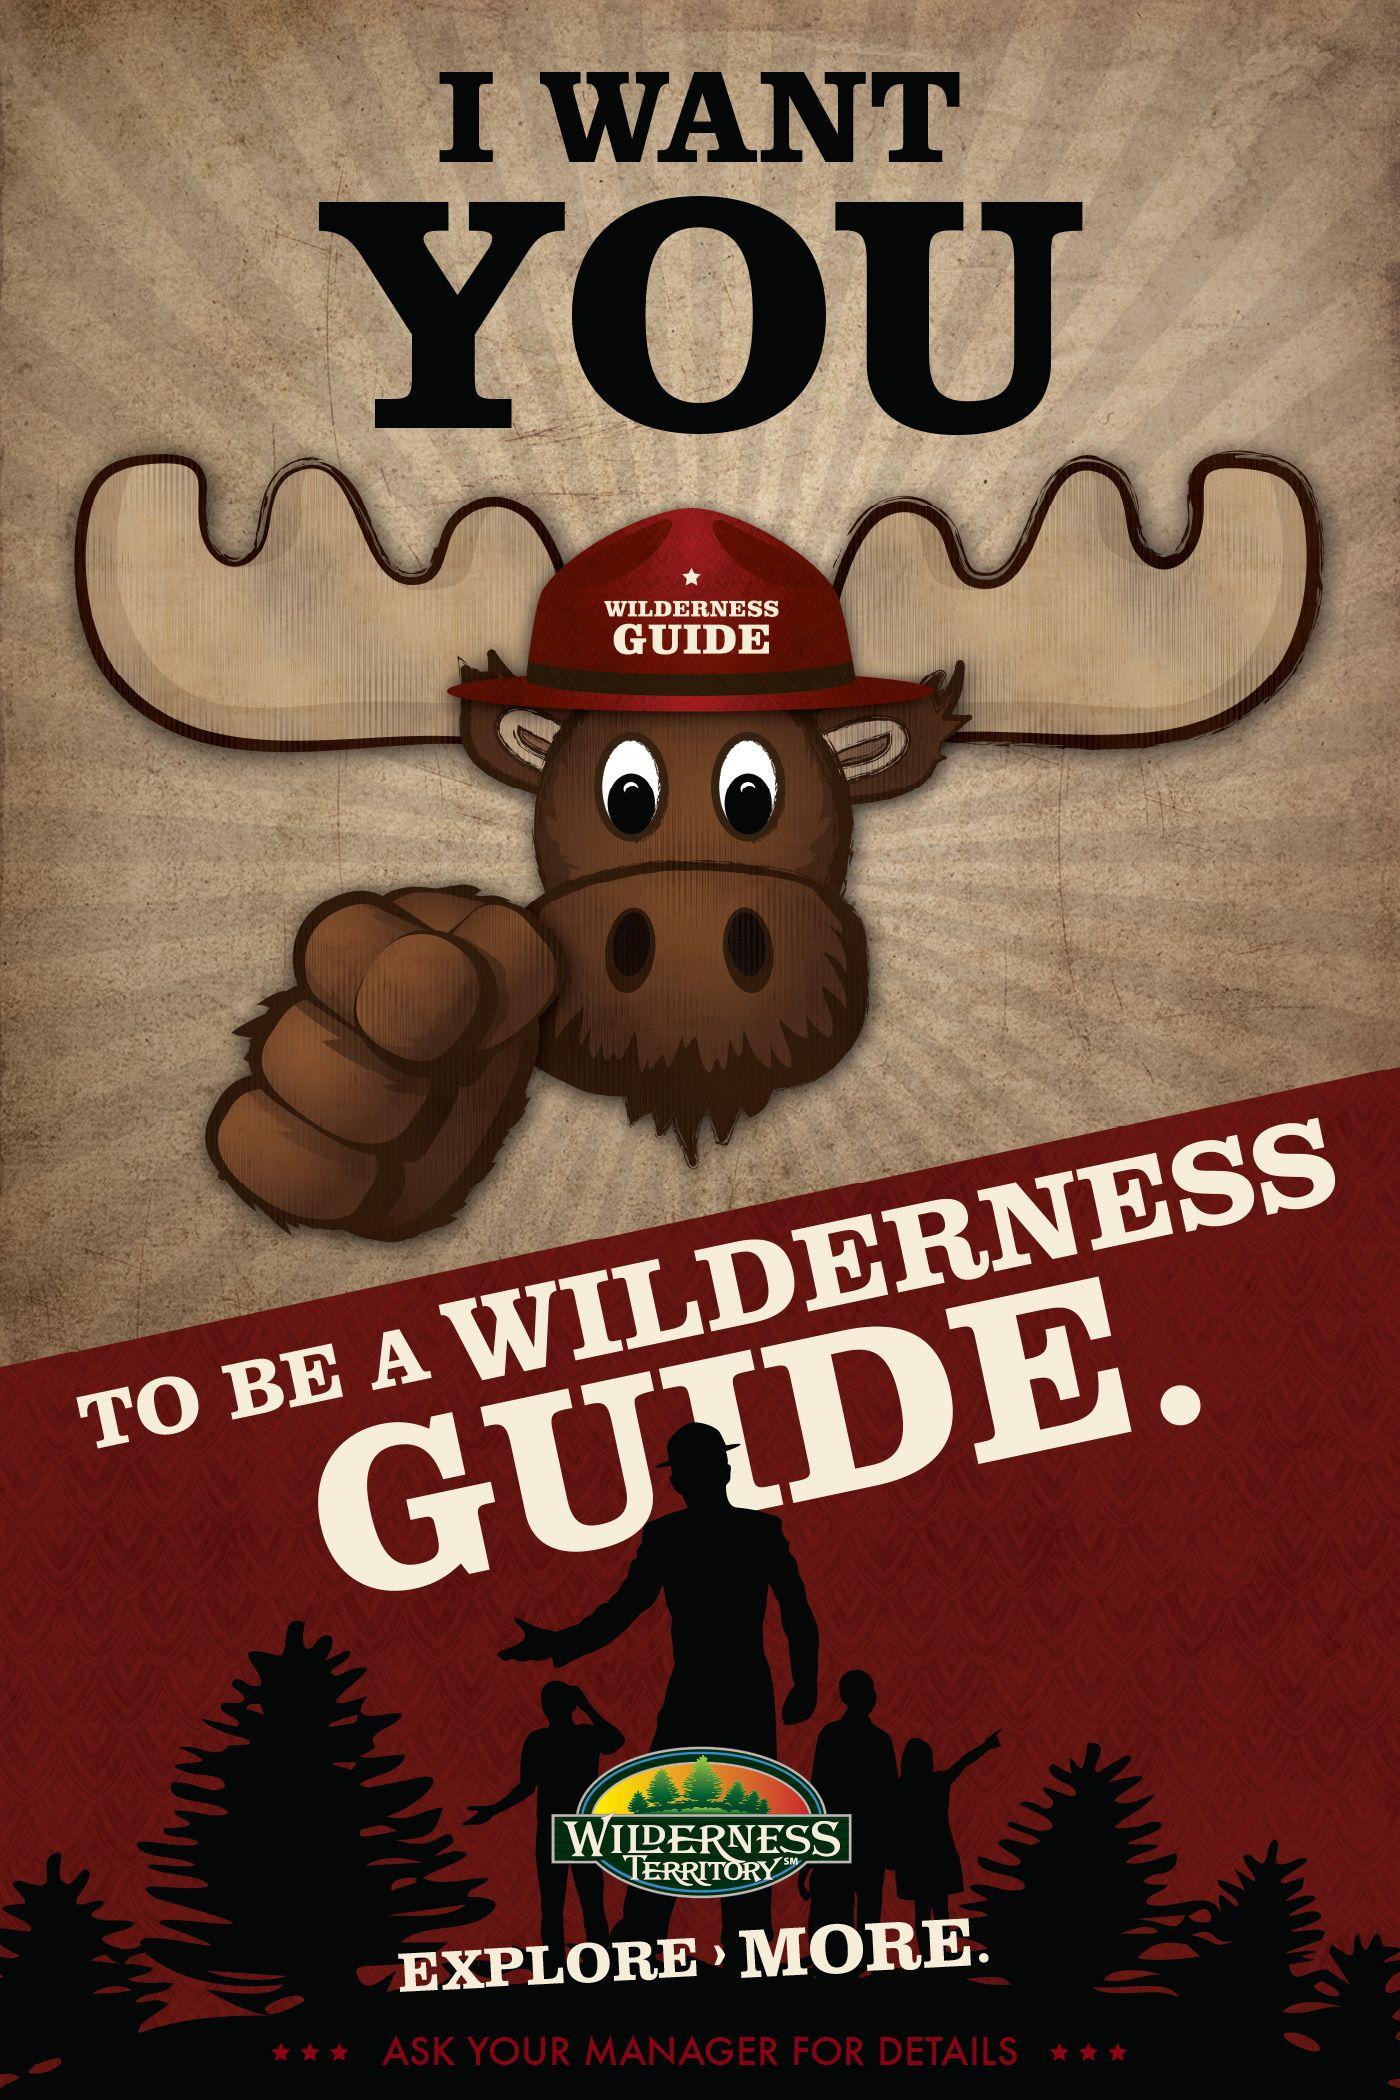 Wayne Koenig›Portfolio›Wilderness Resort-Wilderness Guide Campaign